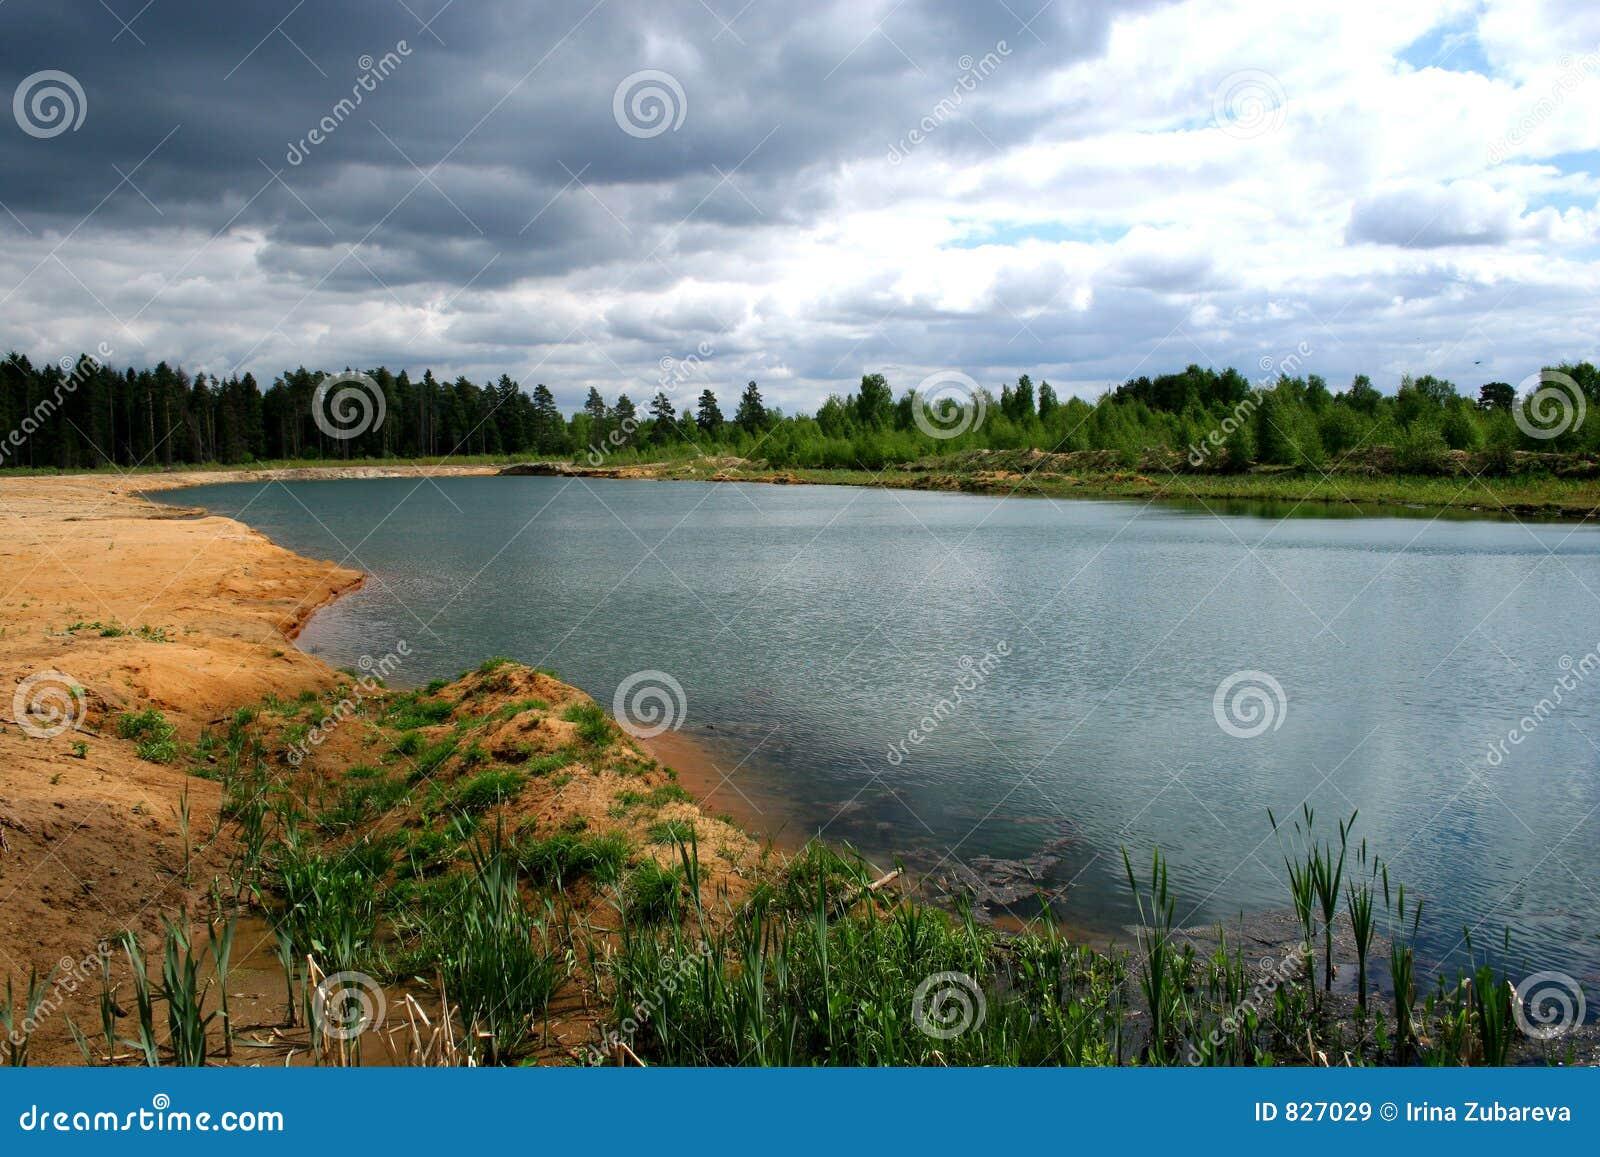 Wood lake.